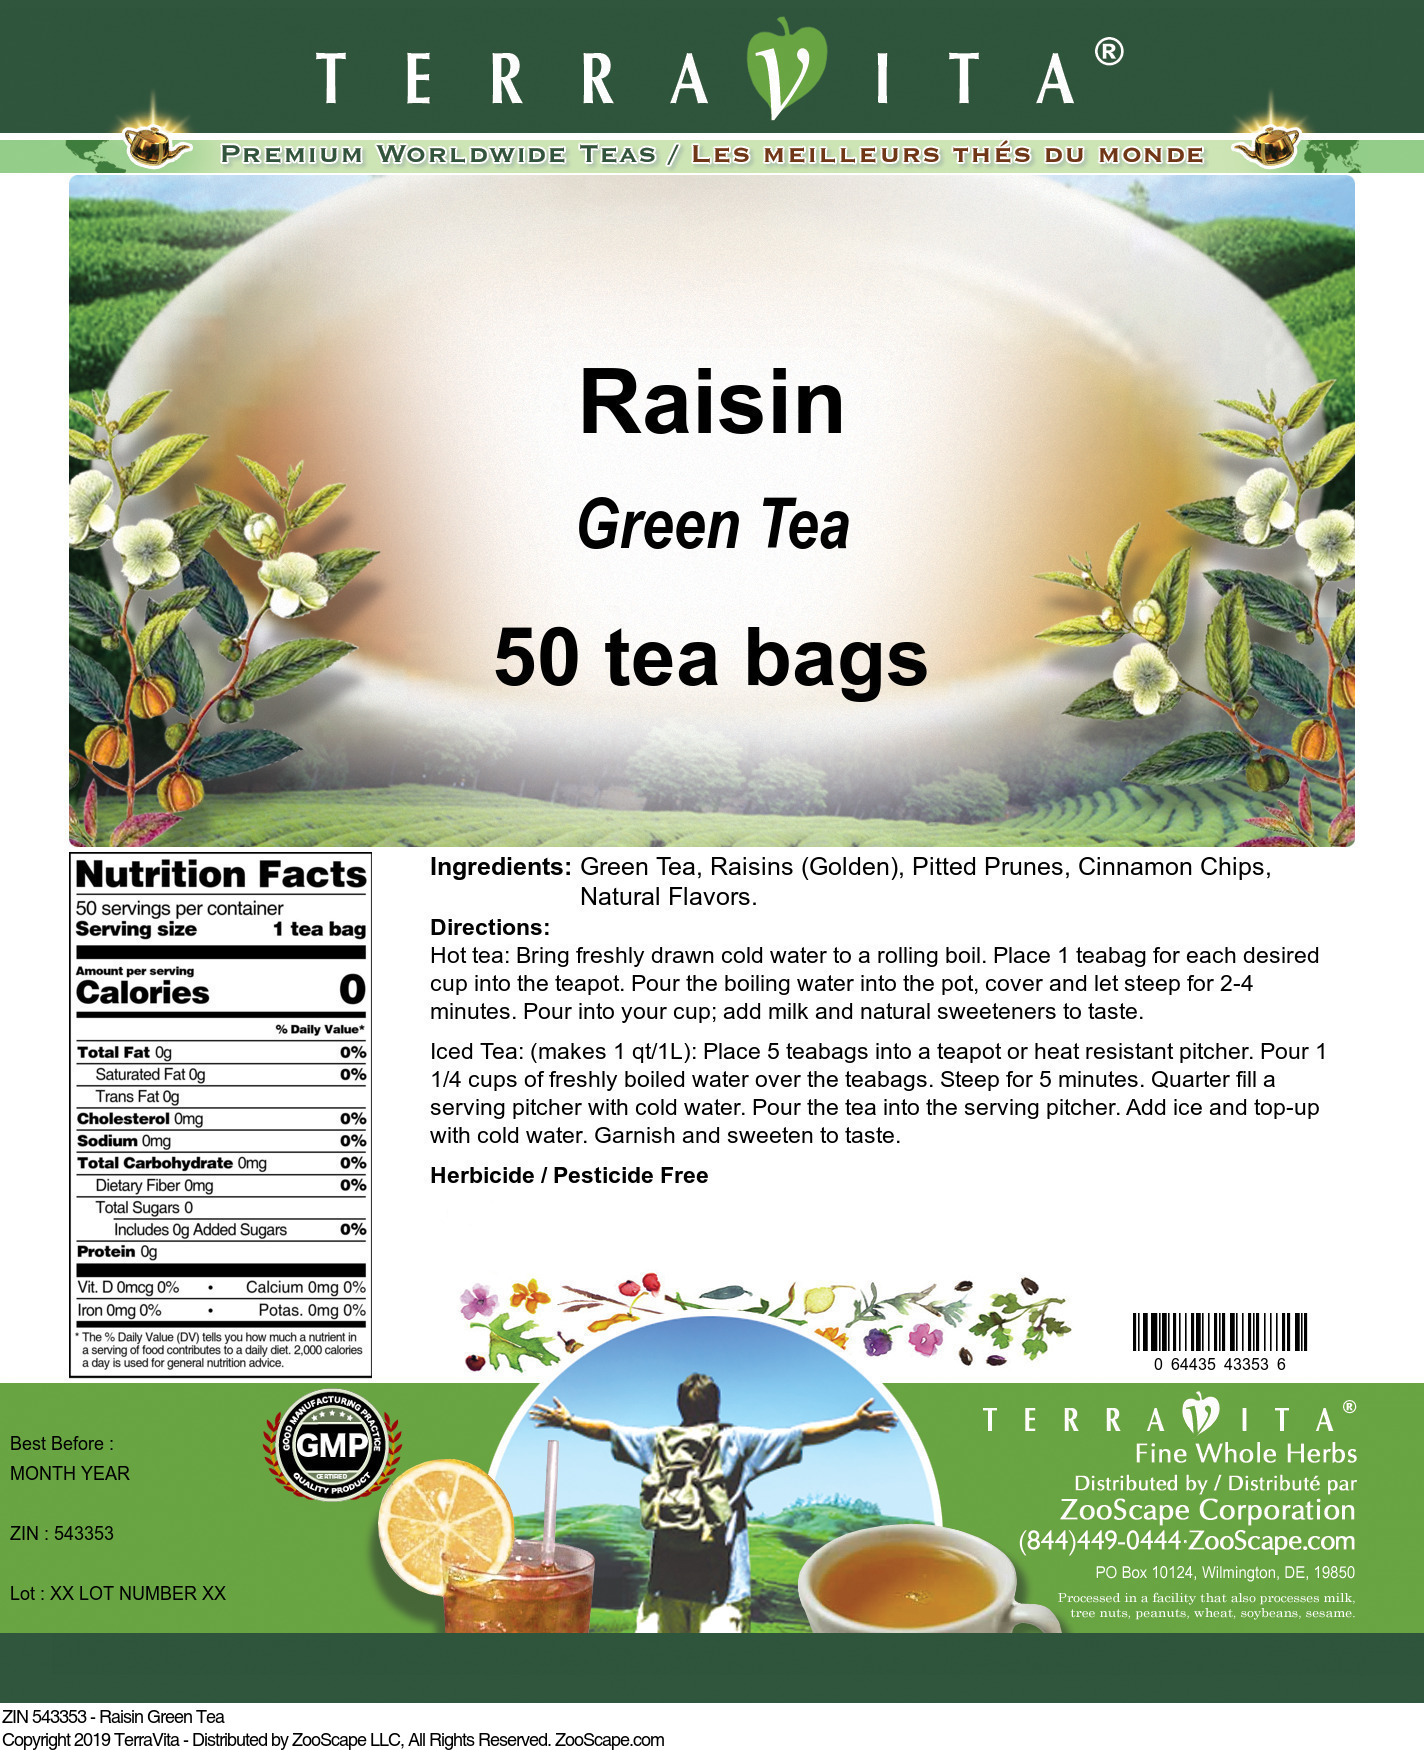 Raisin Green Tea